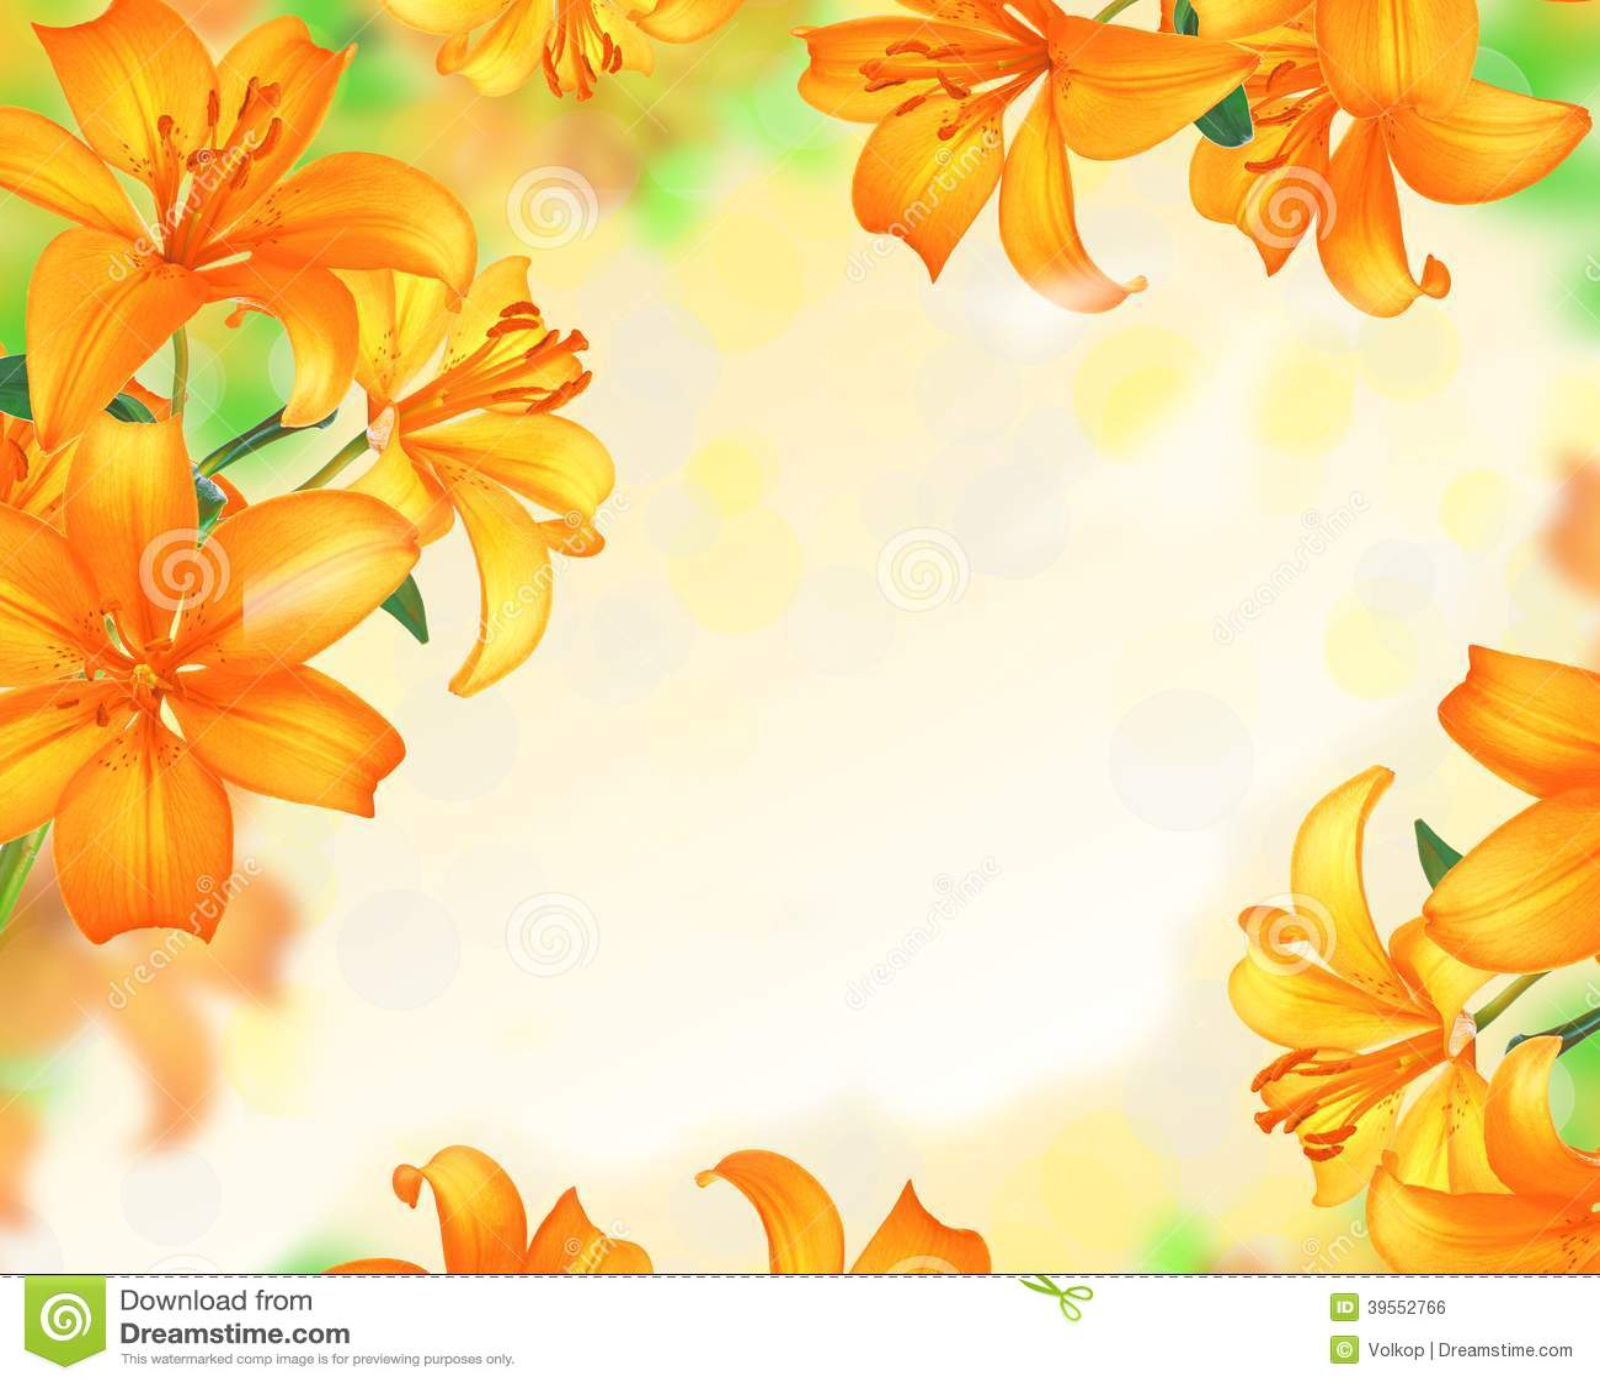 Conception De Frontiere De Lily Flowers Photo Stock